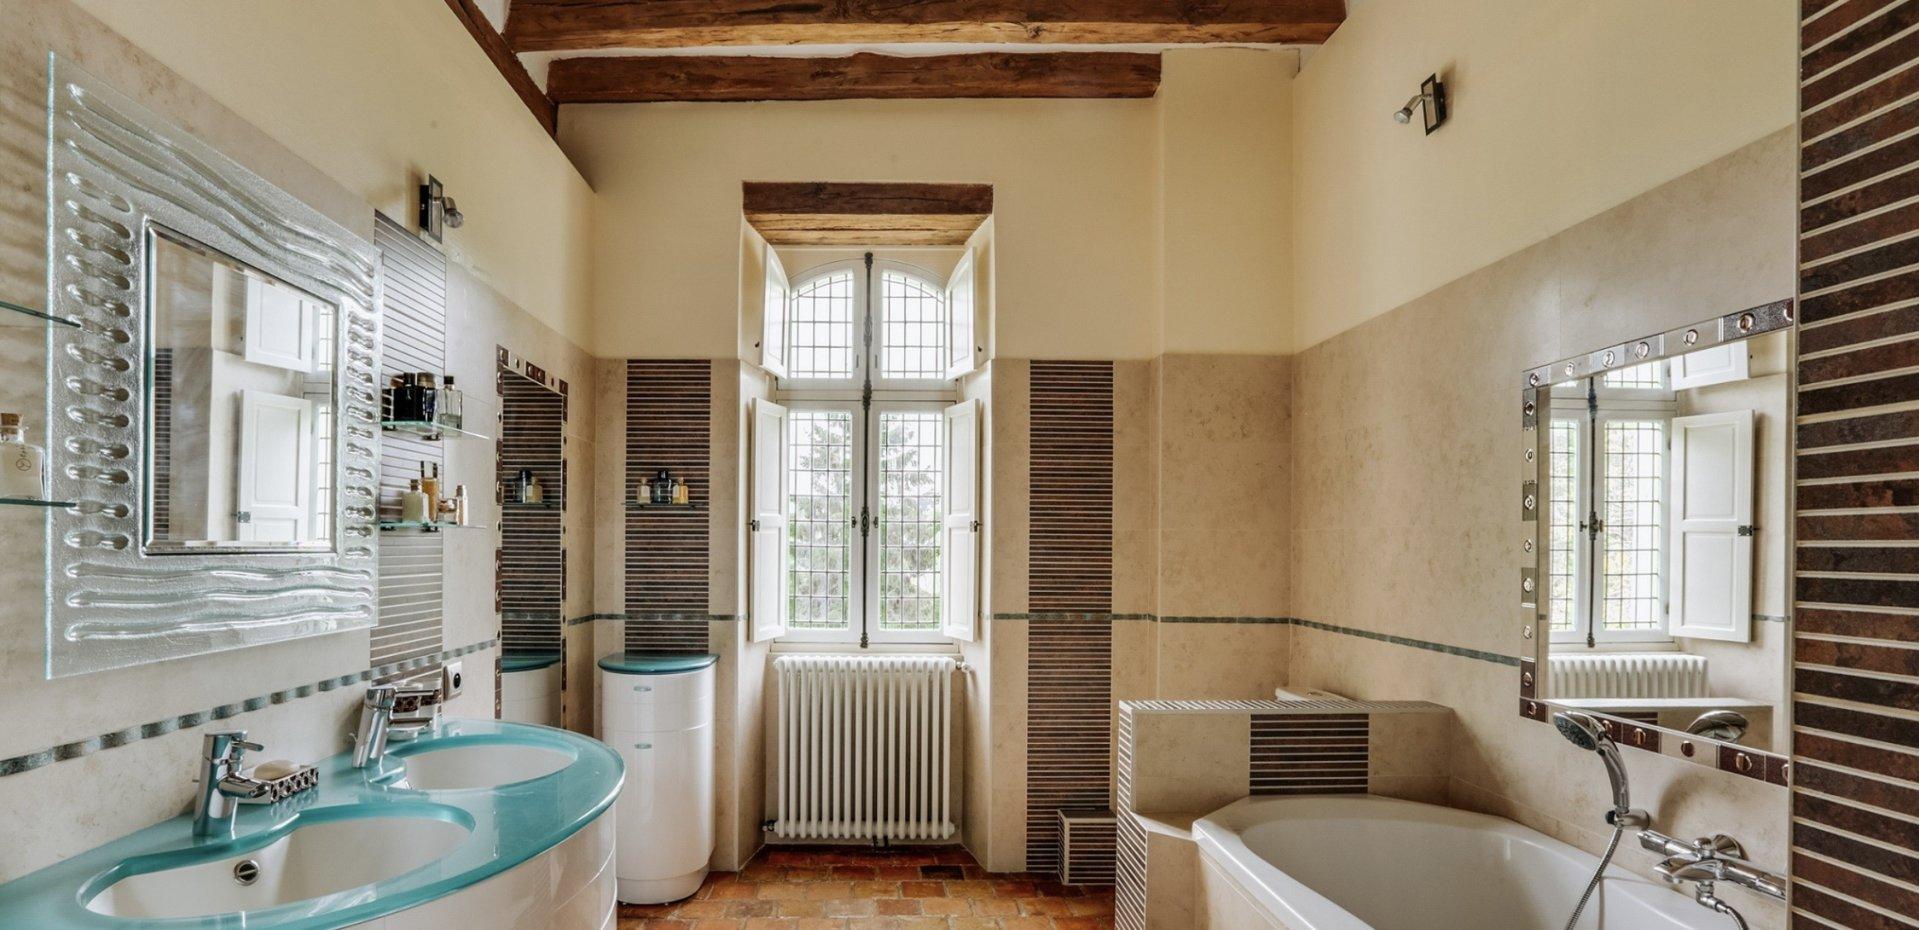 Manoir 330 m2 et dépendances de 120 m2 sur un parc de 1,82 ha avec piscine à 15 mn d'Angers